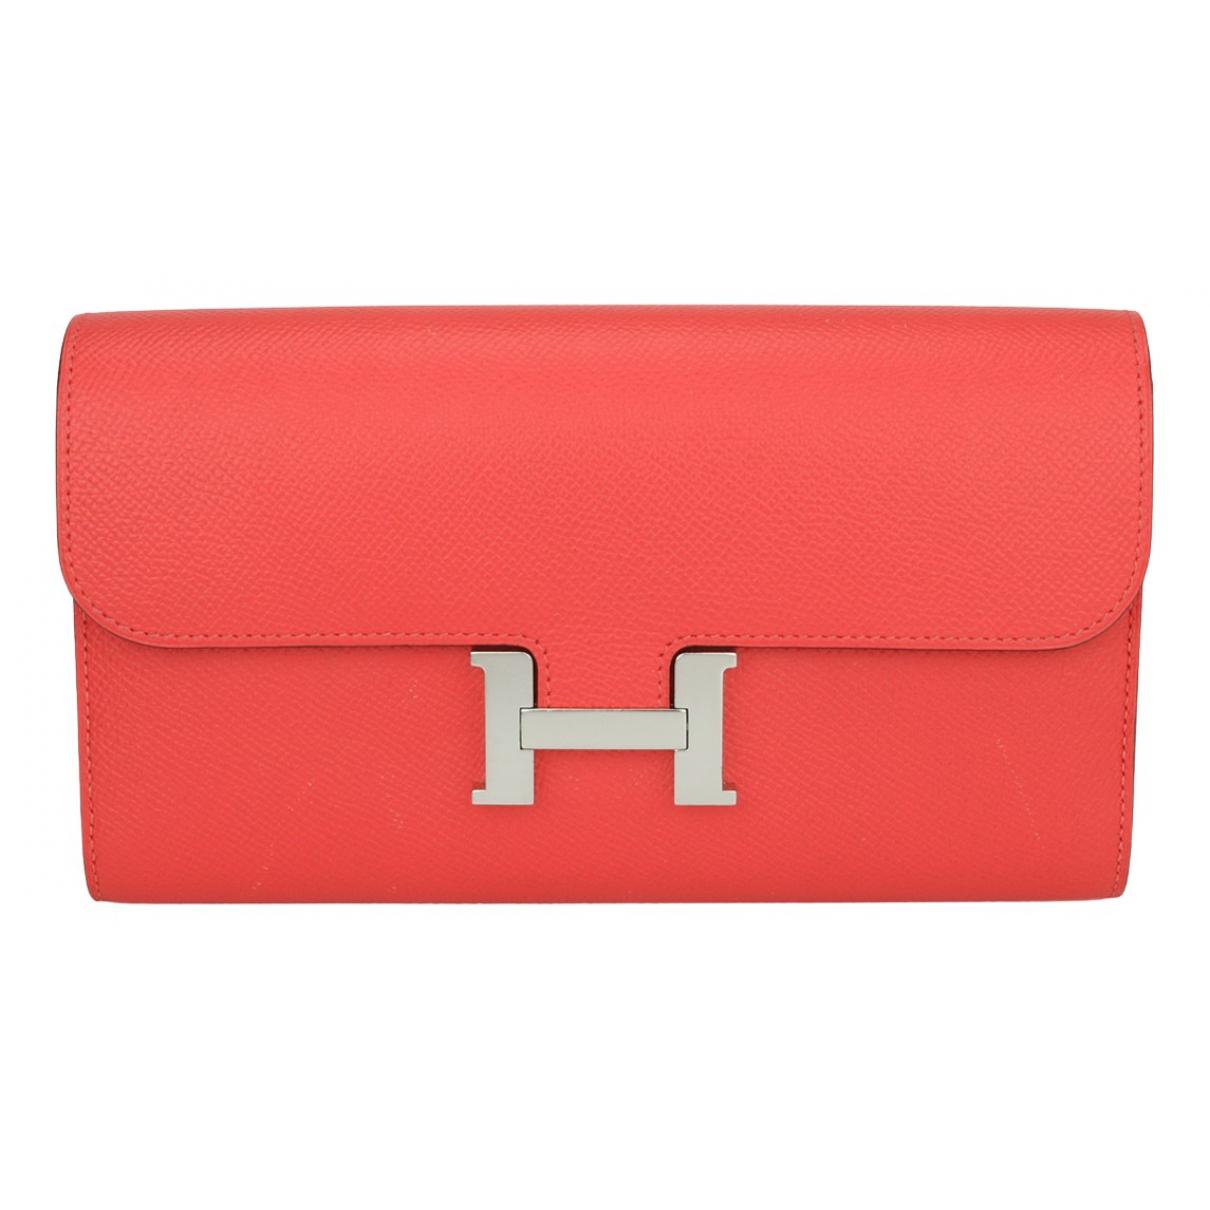 Hermes - Portefeuille Constance pour femme en cuir - rouge